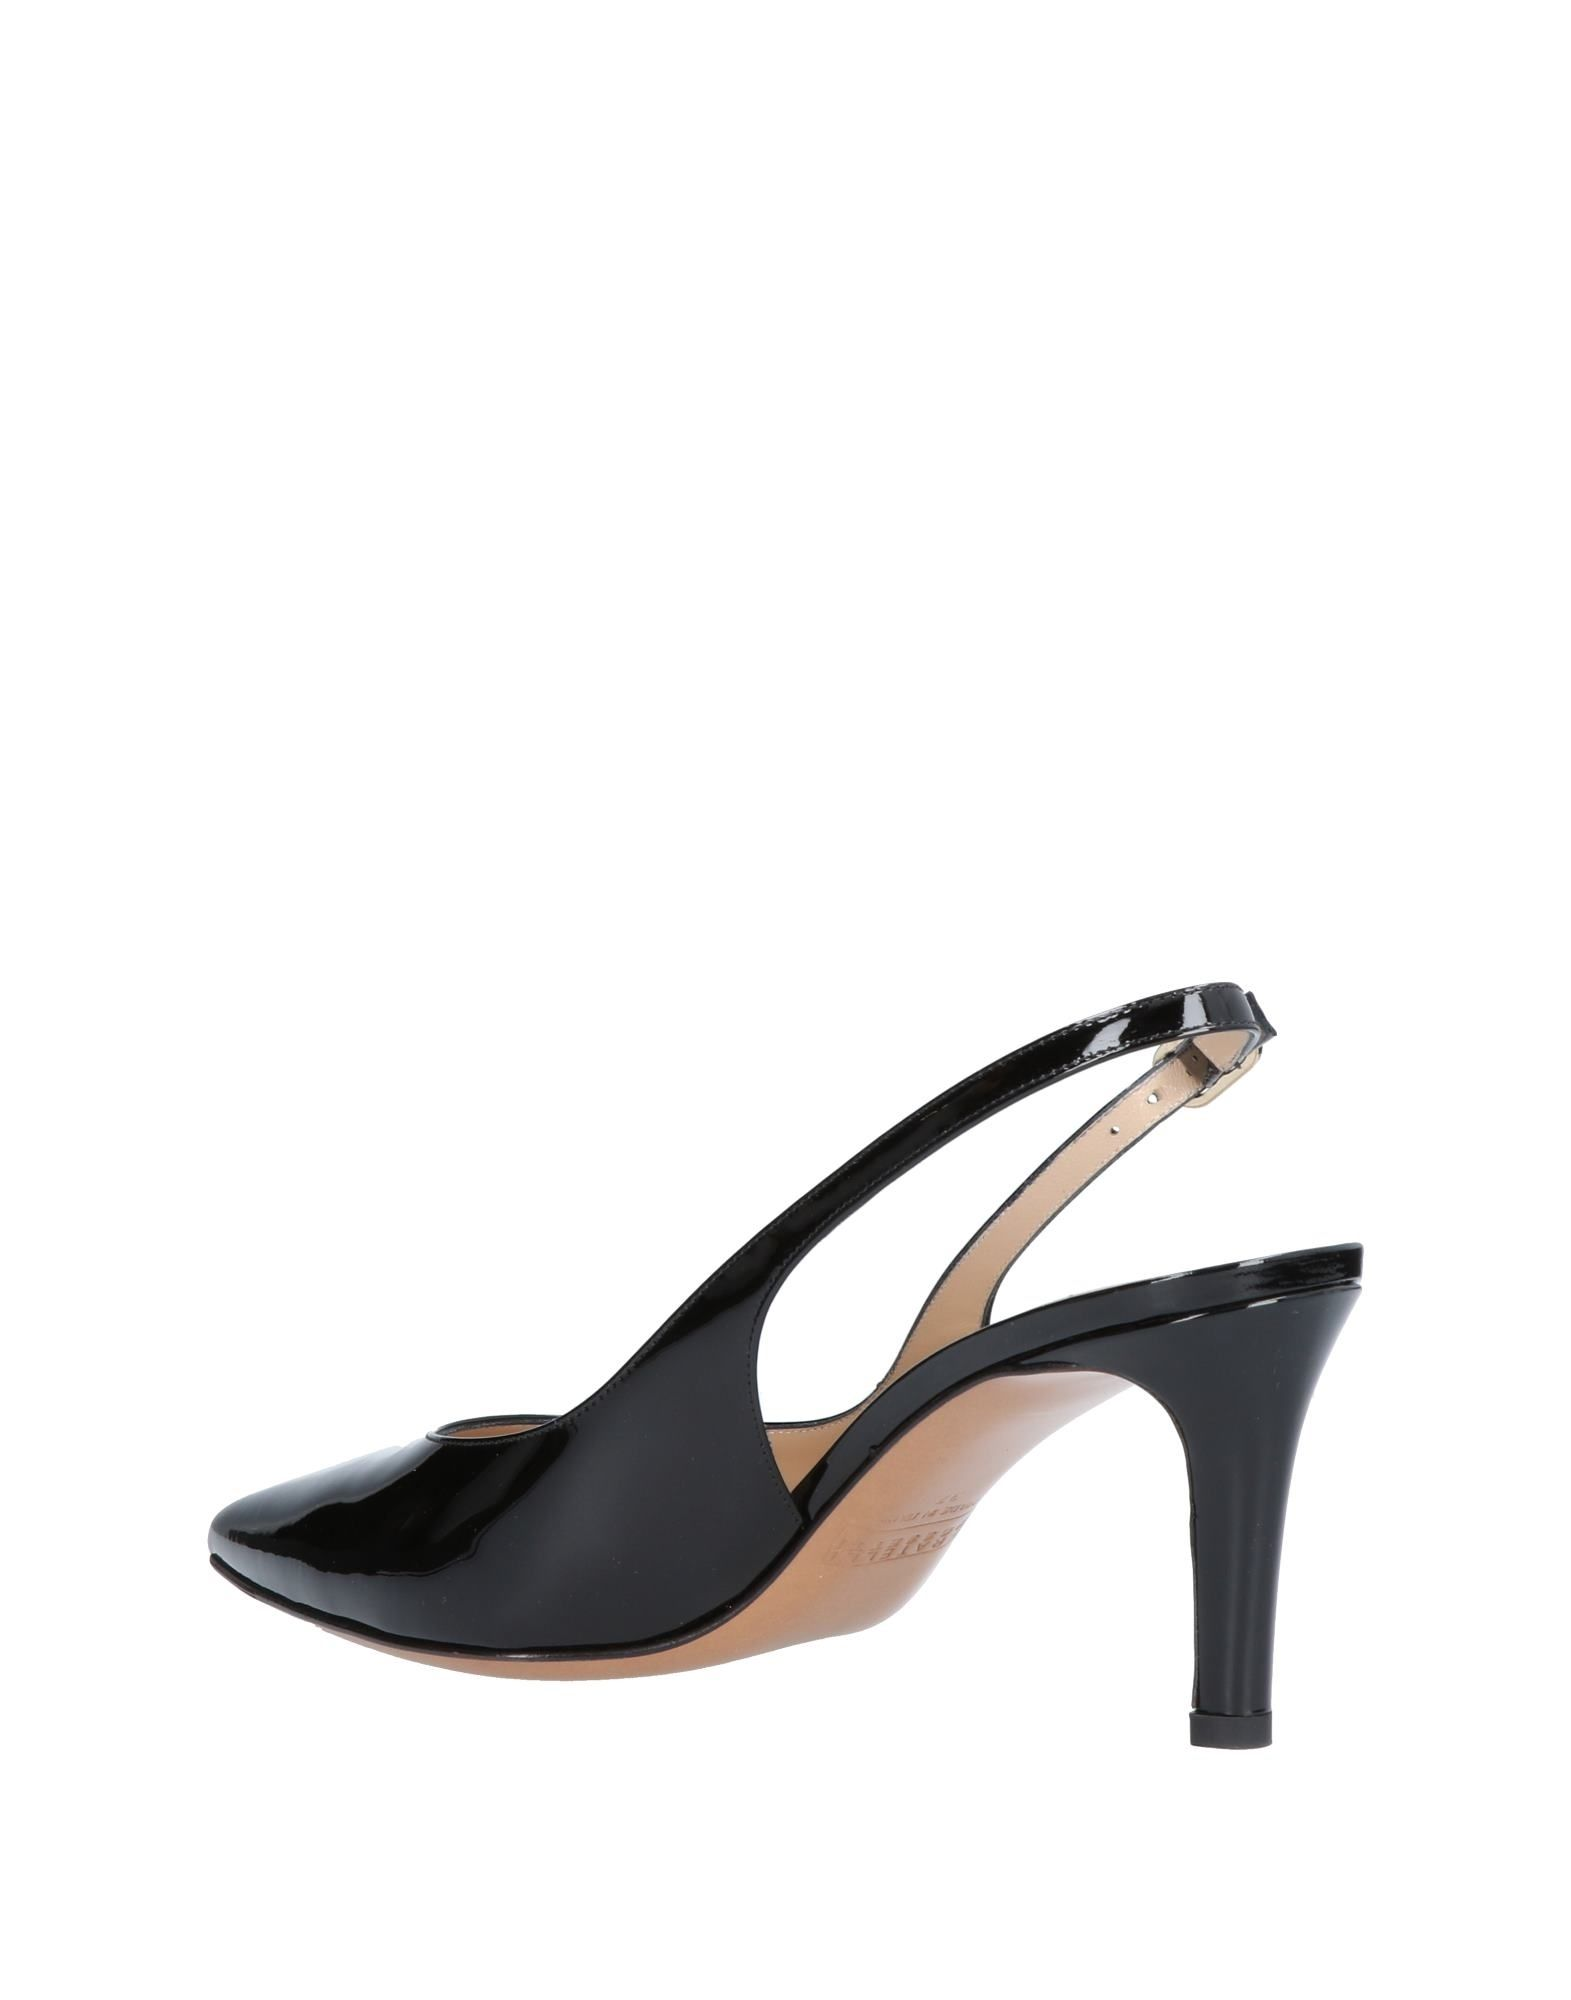 Fratelli Rossetti Pumps Damen Schuhe  11440637LHGut aussehende strapazierfähige Schuhe Damen 00b93e